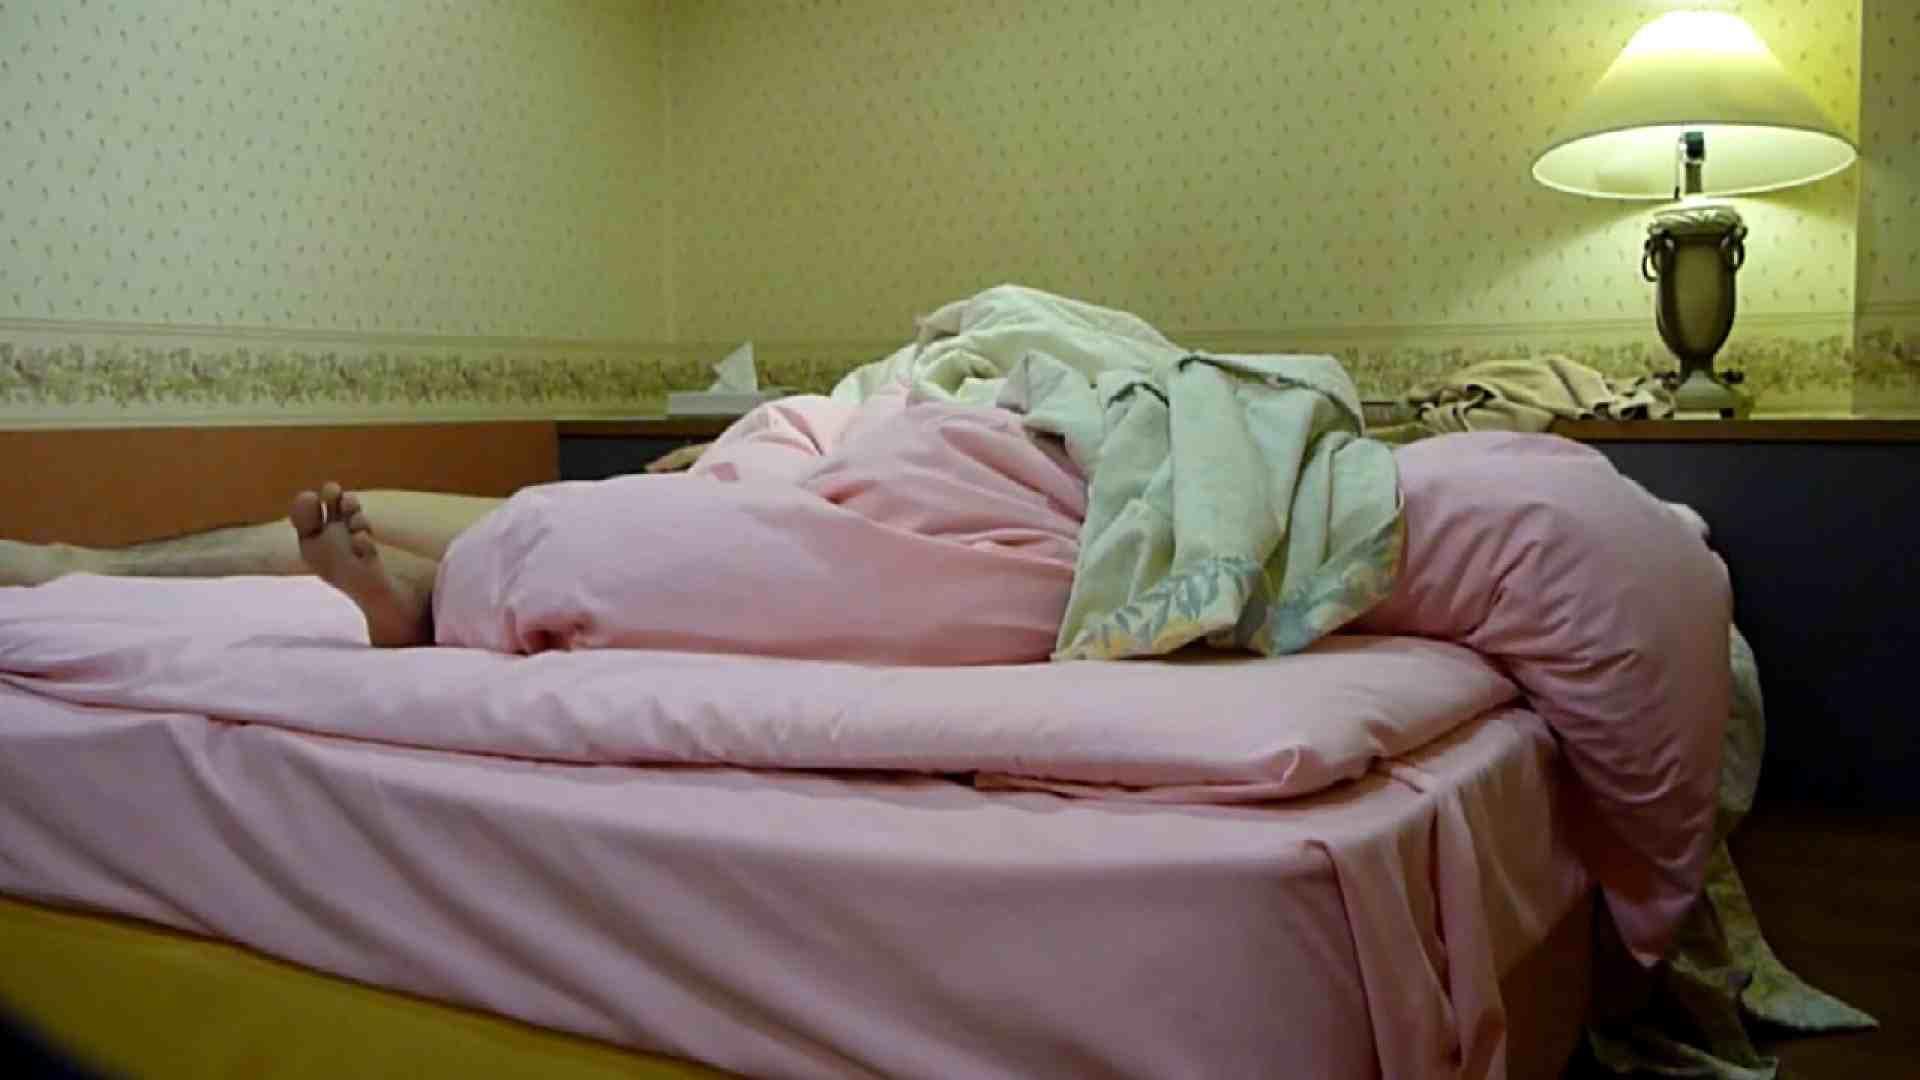 【完全素人投稿】誰にしようか!?やりチン健太の本日もデリ嬢いただきま~す!!06 投稿  100連発 16